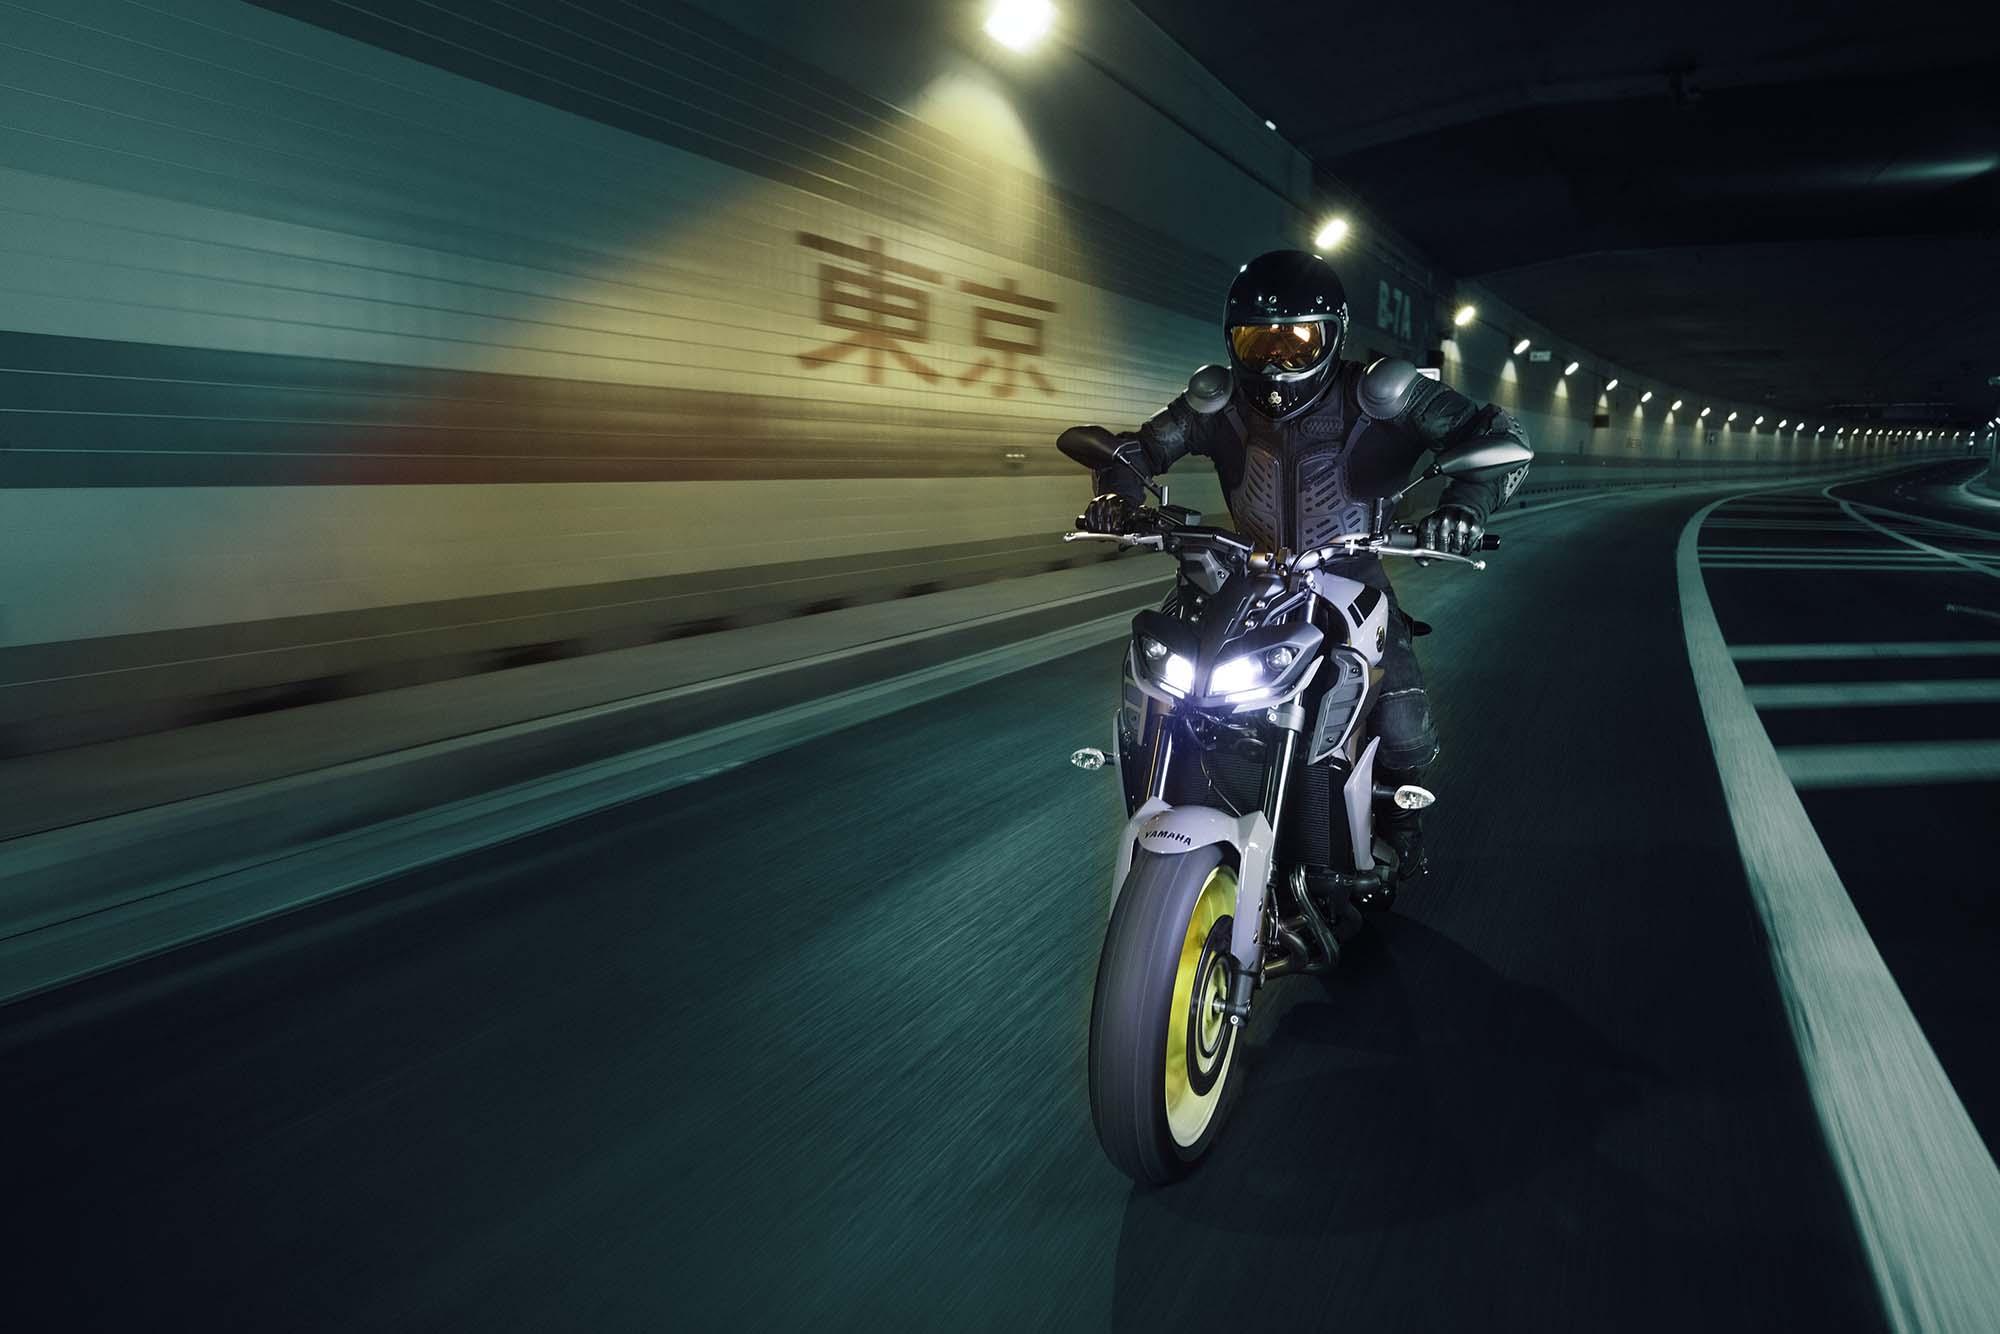 2017 Yamaha MT-09 Gets Facelift & More